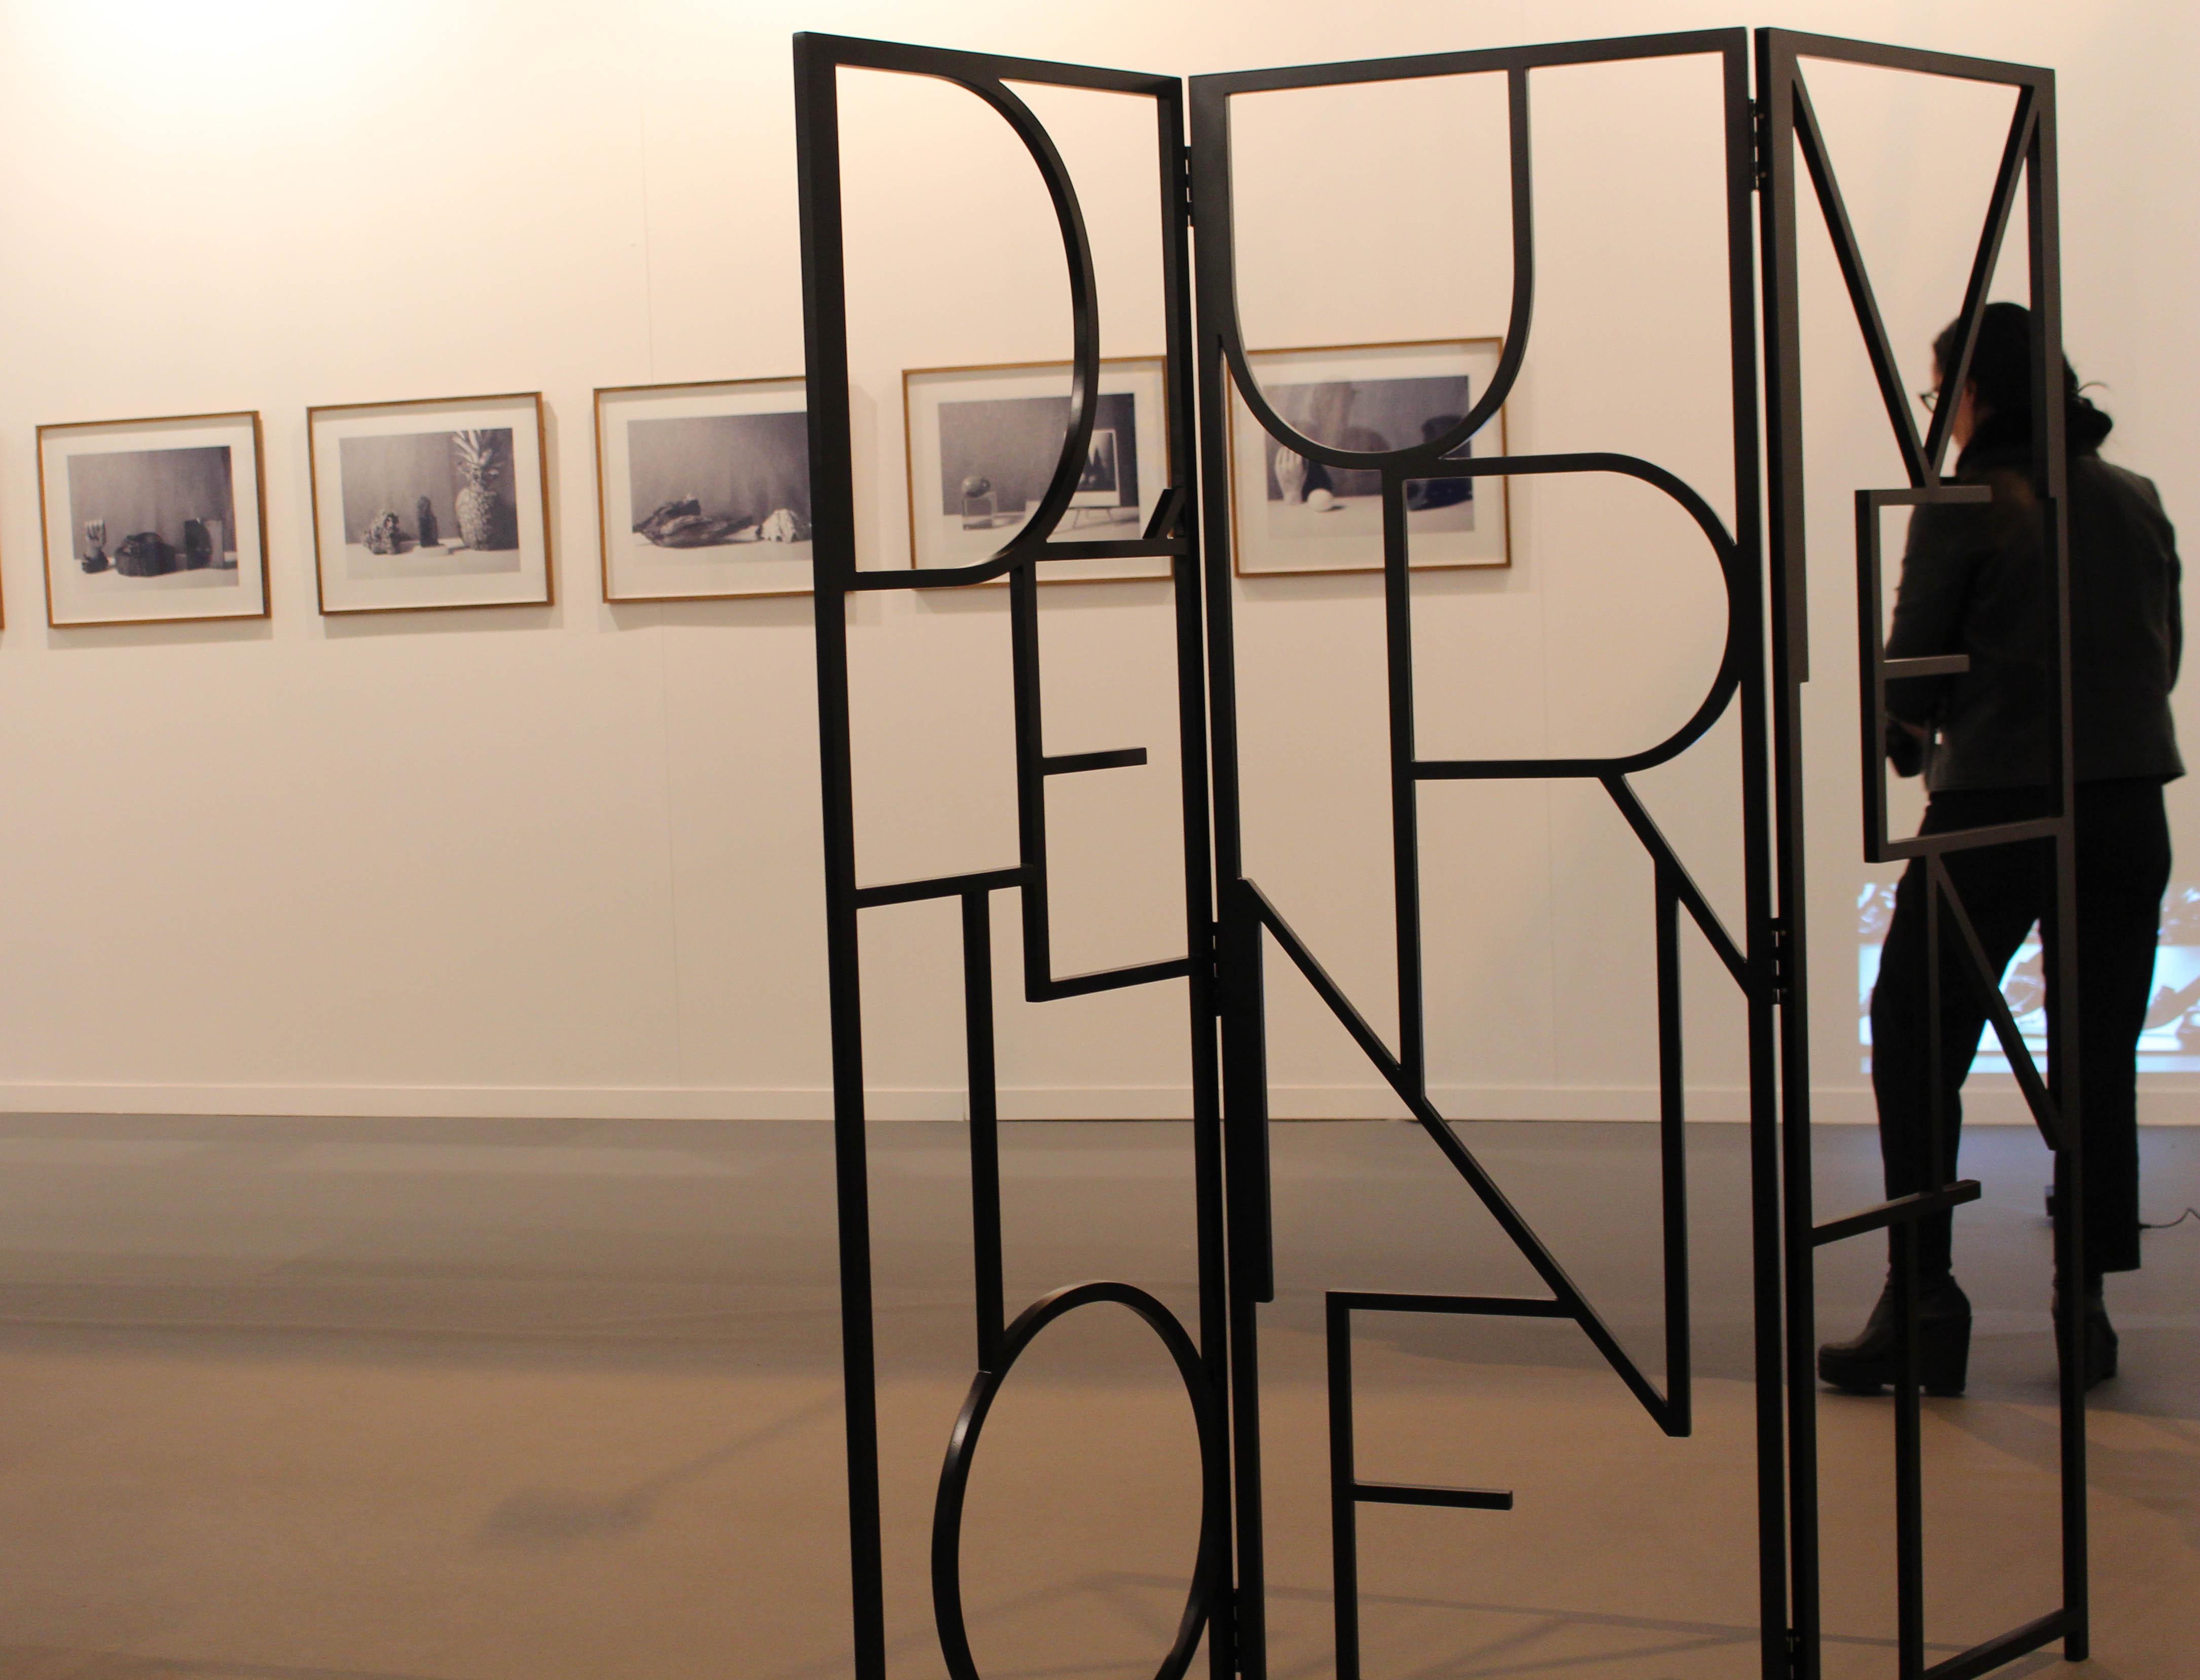 Escultura del artista argentino Alejandro Kuropatwa